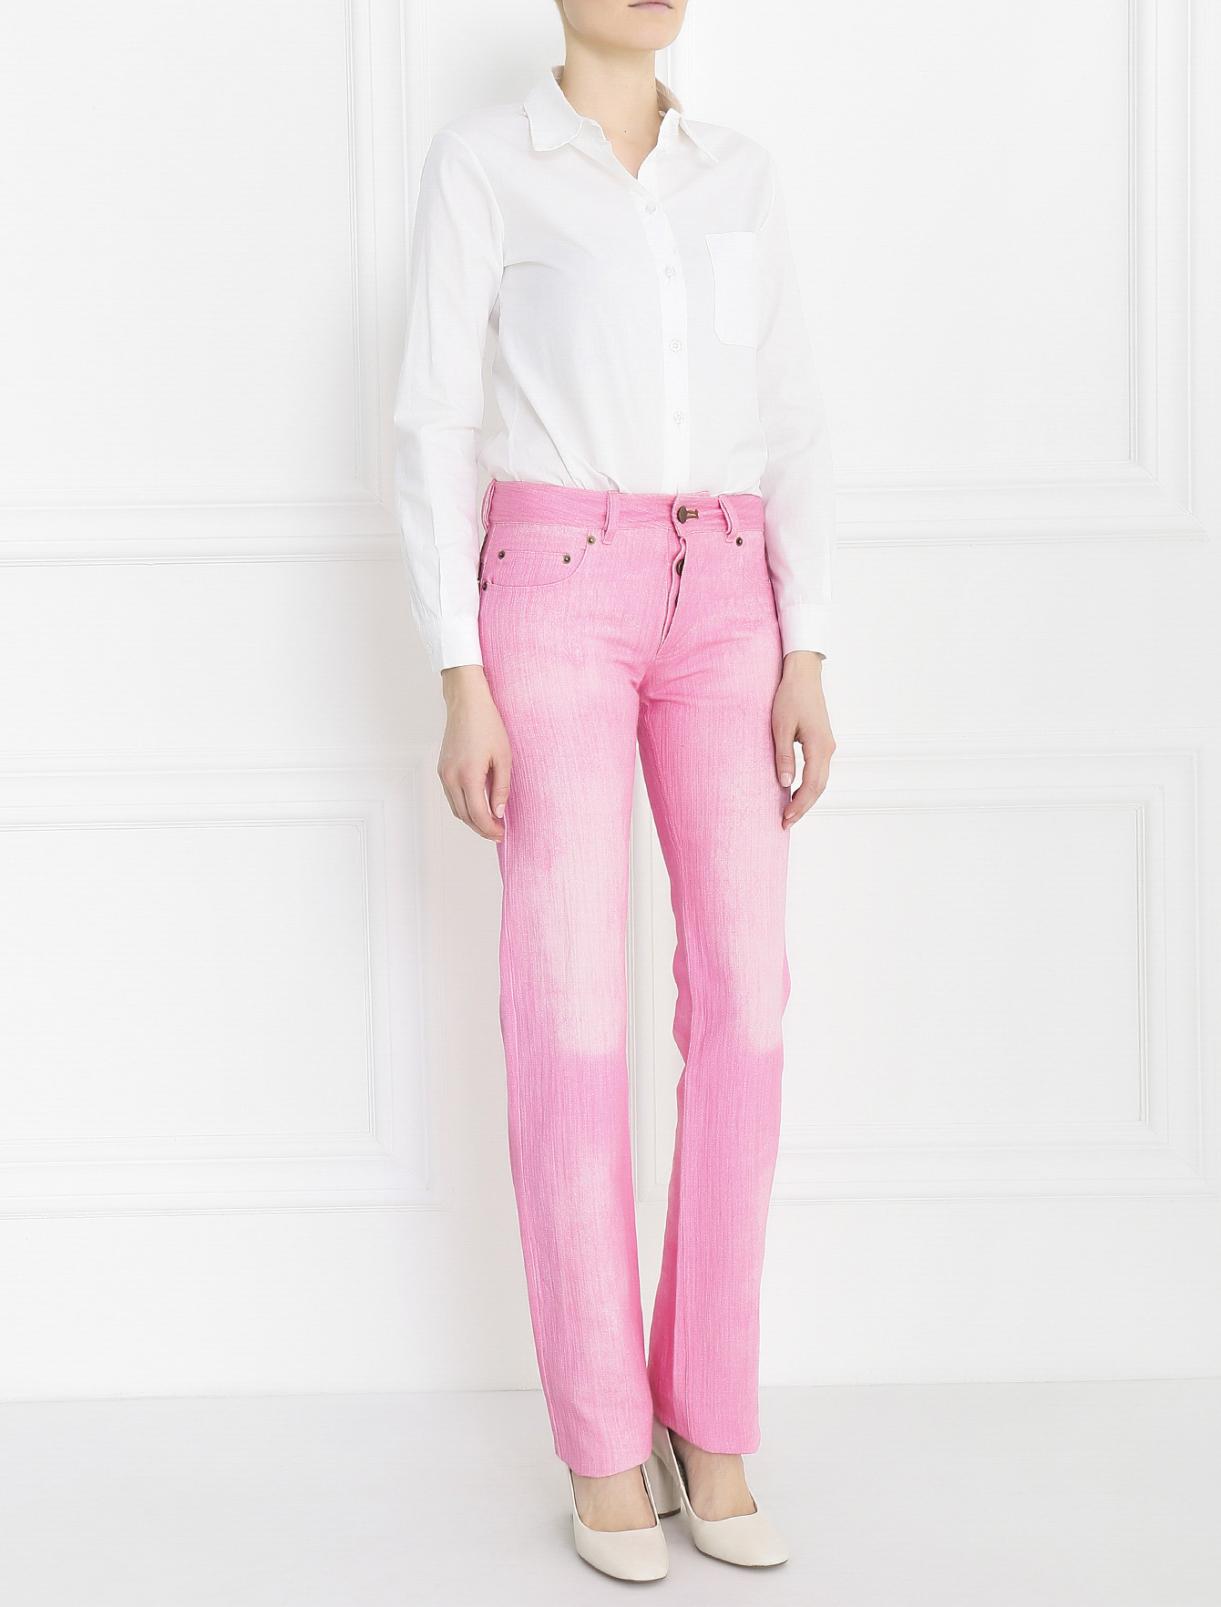 Джинсы прямого кроя с вышивкой Alena Akhmadullina  –  Модель Общий вид  – Цвет:  Розовый